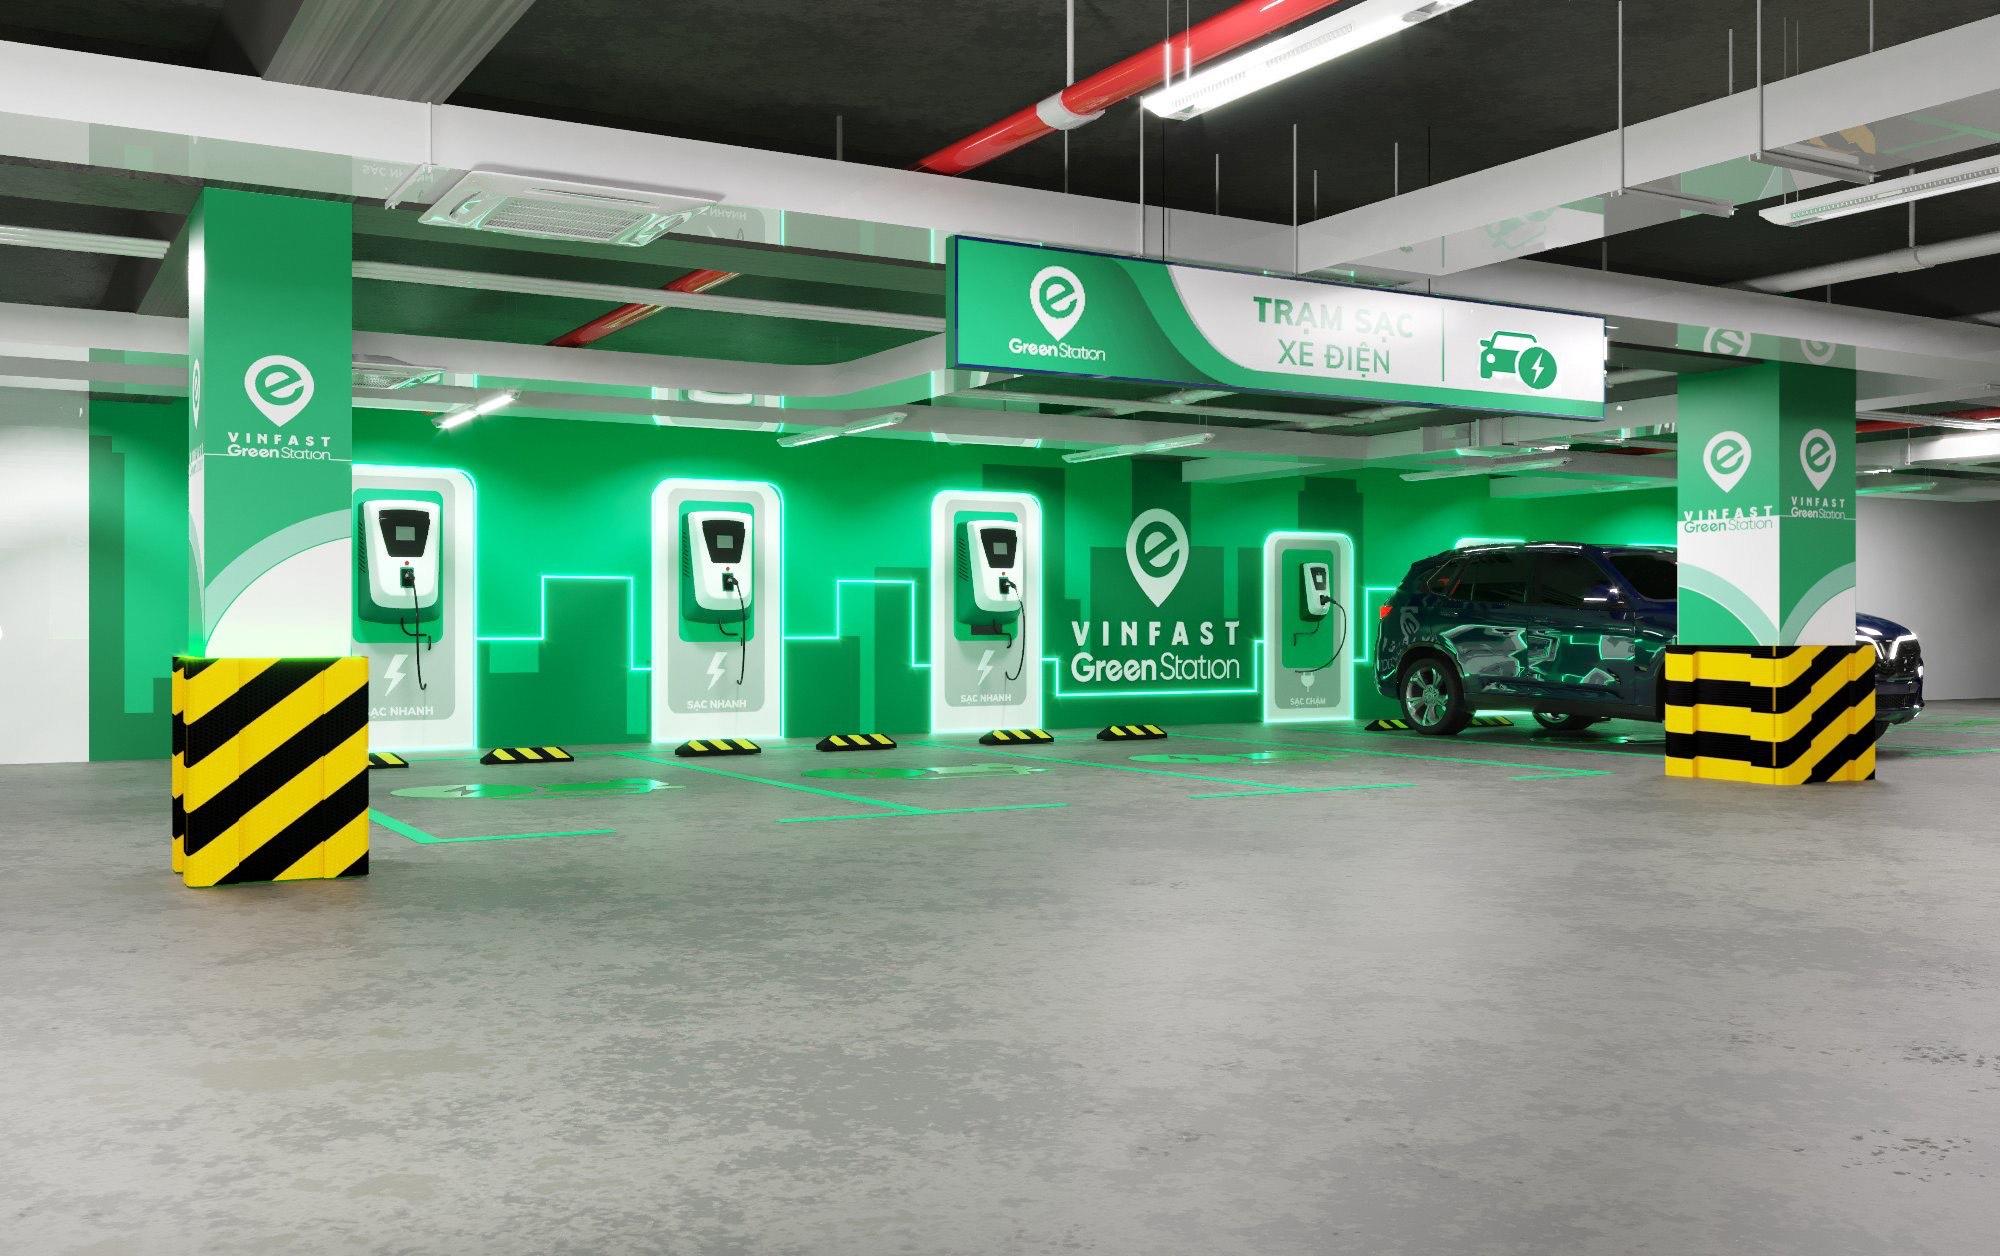 VinFast sẽ triển khai hơn 2.000 trạm sạc xe điện trong năm 2021 - Ảnh 1.